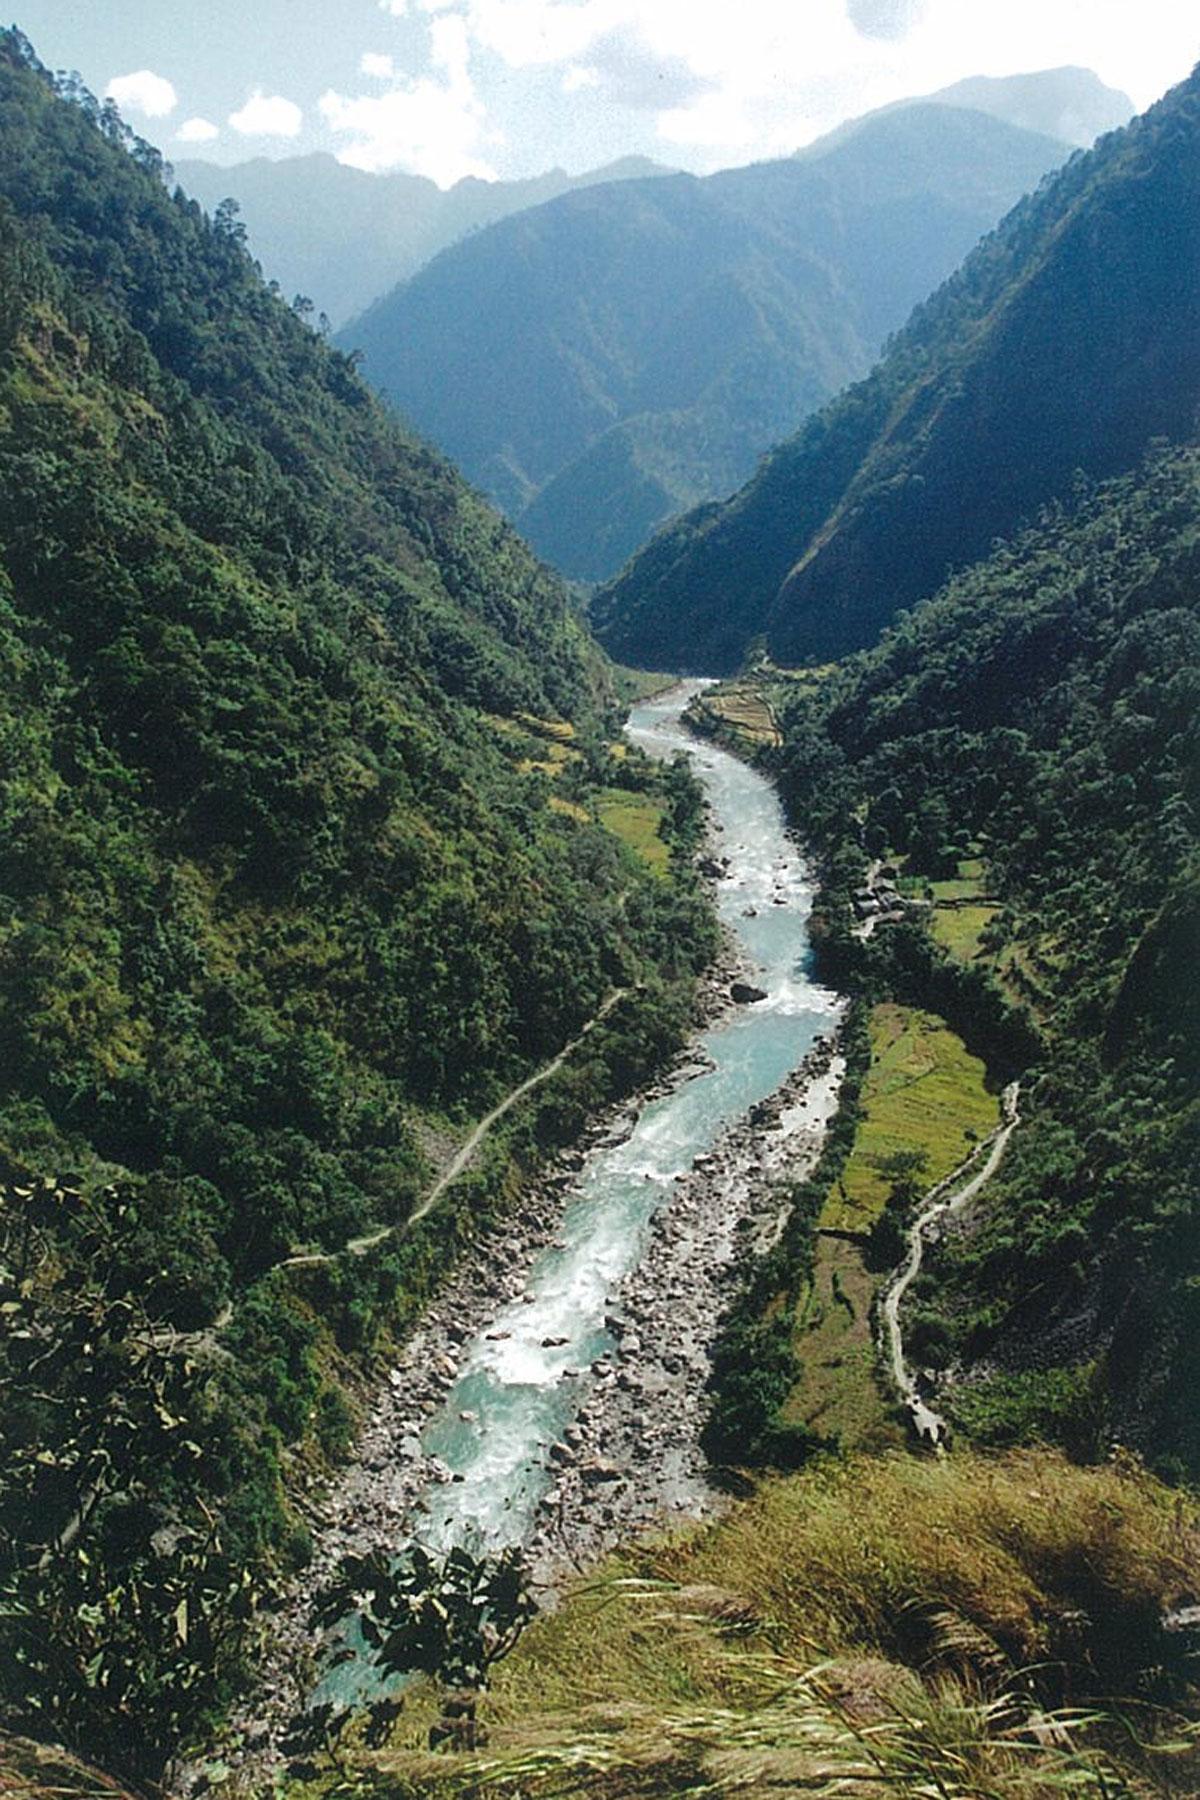 Budhi Gandaki River Gorge Manaslu Circuit Tsum Valley Trek Nepal Trekking Hike Hiking Himalayas